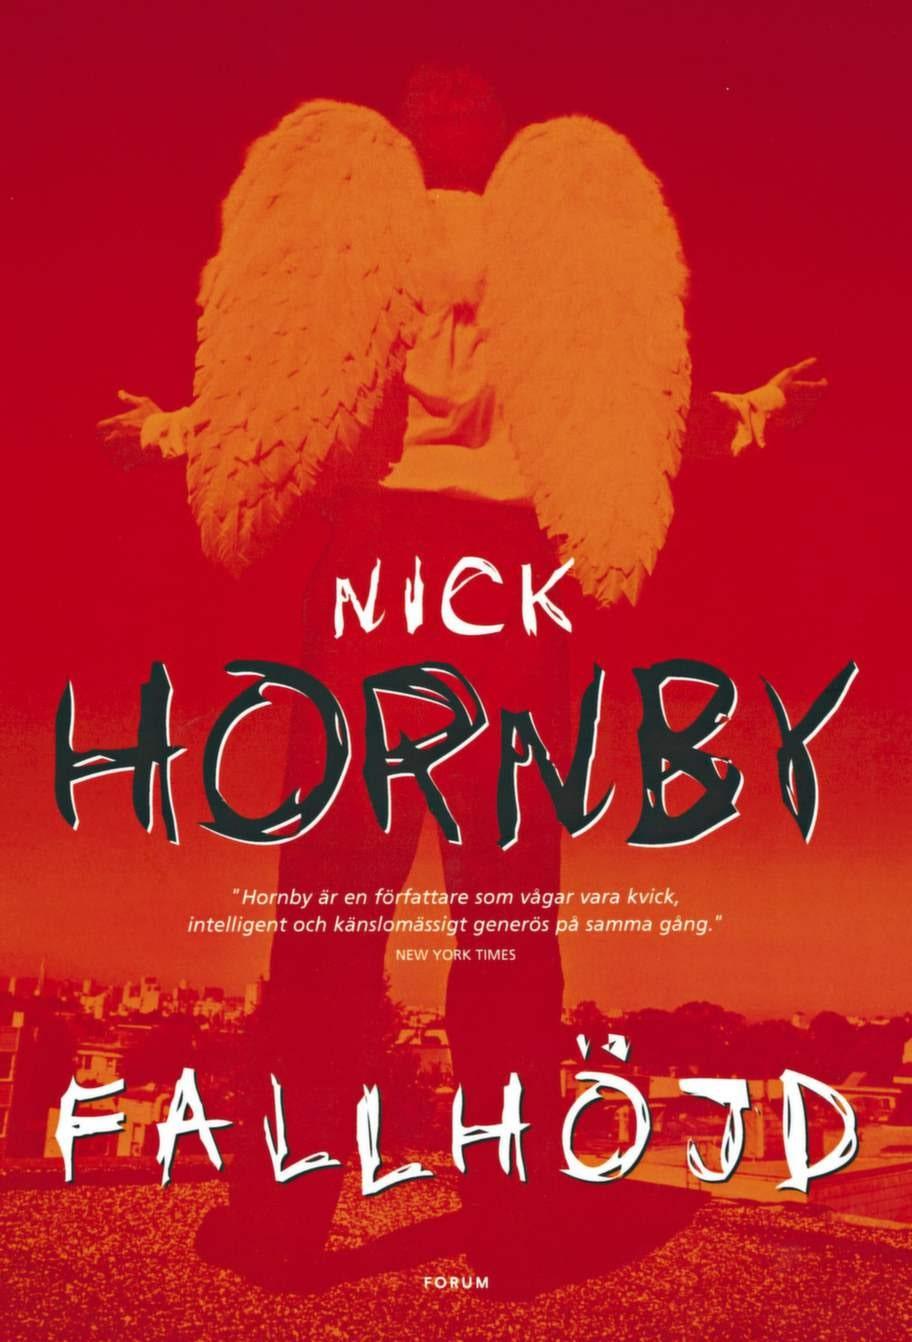 Fallhöjd av Nick Hornby, Månpocket<br>Humoristisk och lättsam roman som på puttrigt, engelskt vis beskriver hur fyra personer, som inte känner varandra, träffas på ett tak med ett gemensamt mål: de tänker hoppa för nu har de tröttnat på livet. Men saker händer och självklart hoppar de inte, utan fortsätter lättade sina liv - trots att de inte är perfekta.